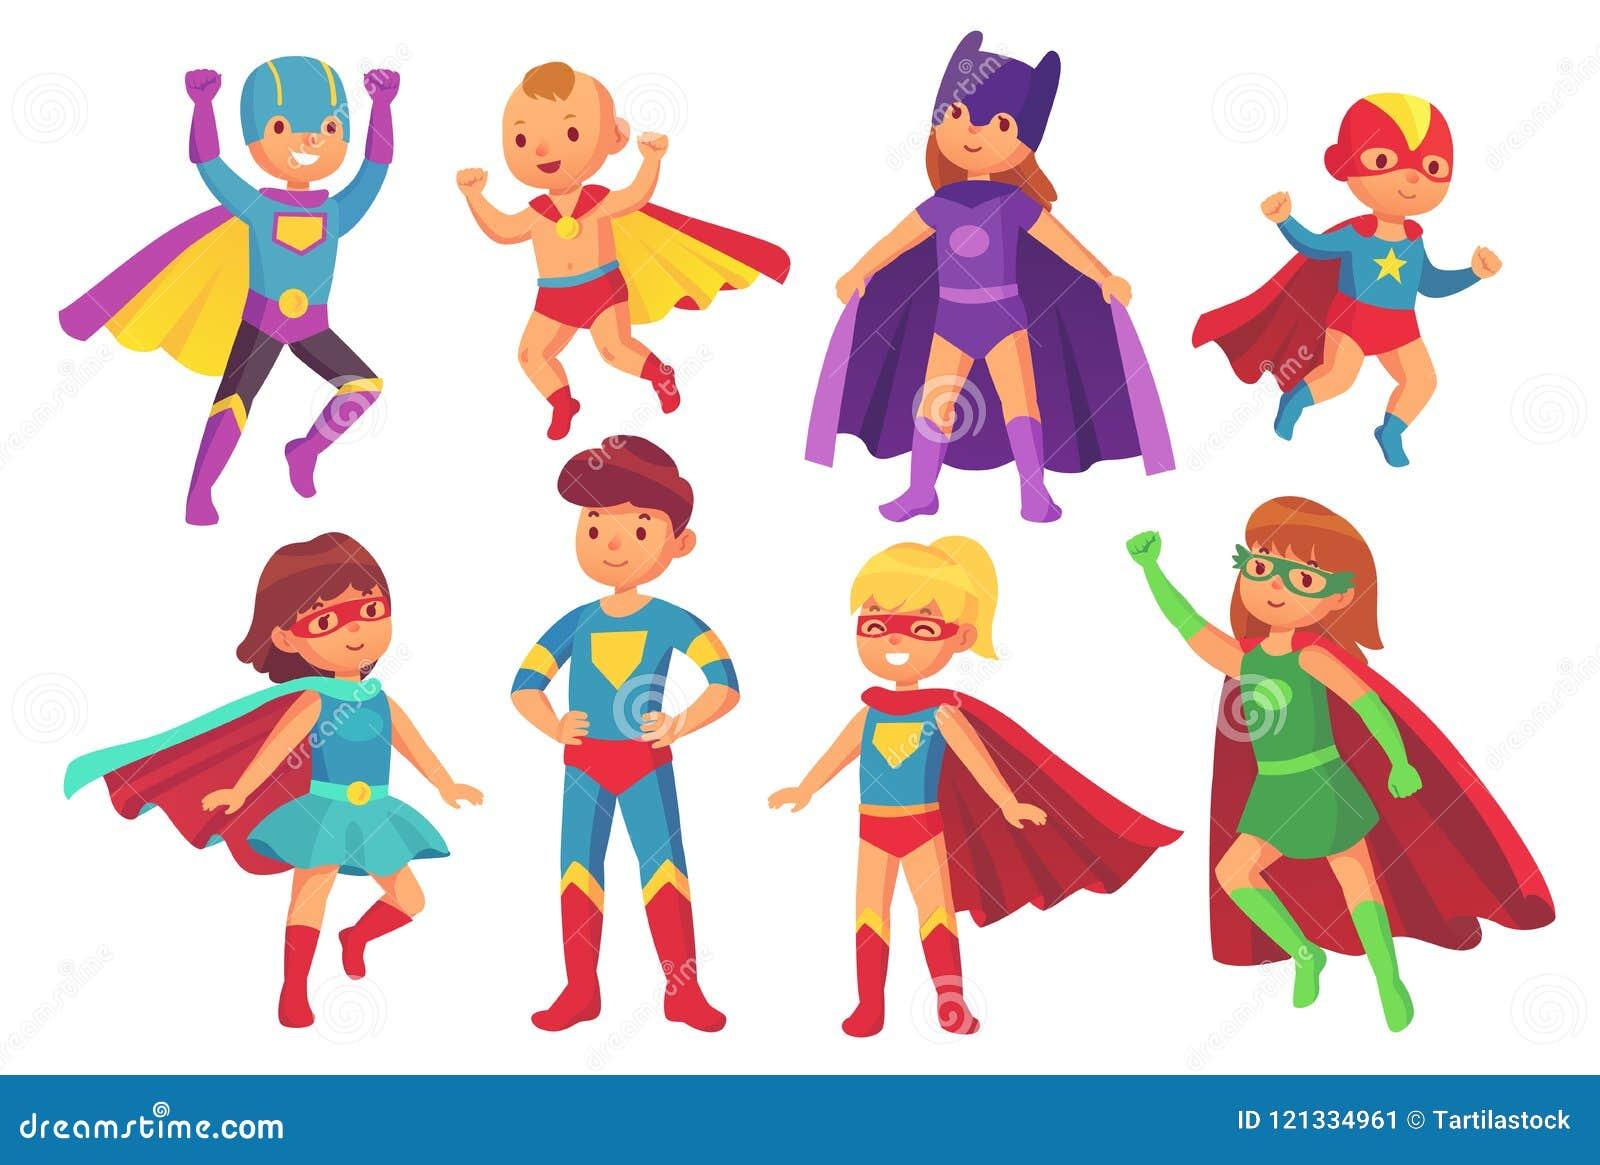 Tecknad filmsuperheroen lurar tecken Glad unge som bär dräkten för toppen hjälte med maskeringen och kappan Barnsuperheroes